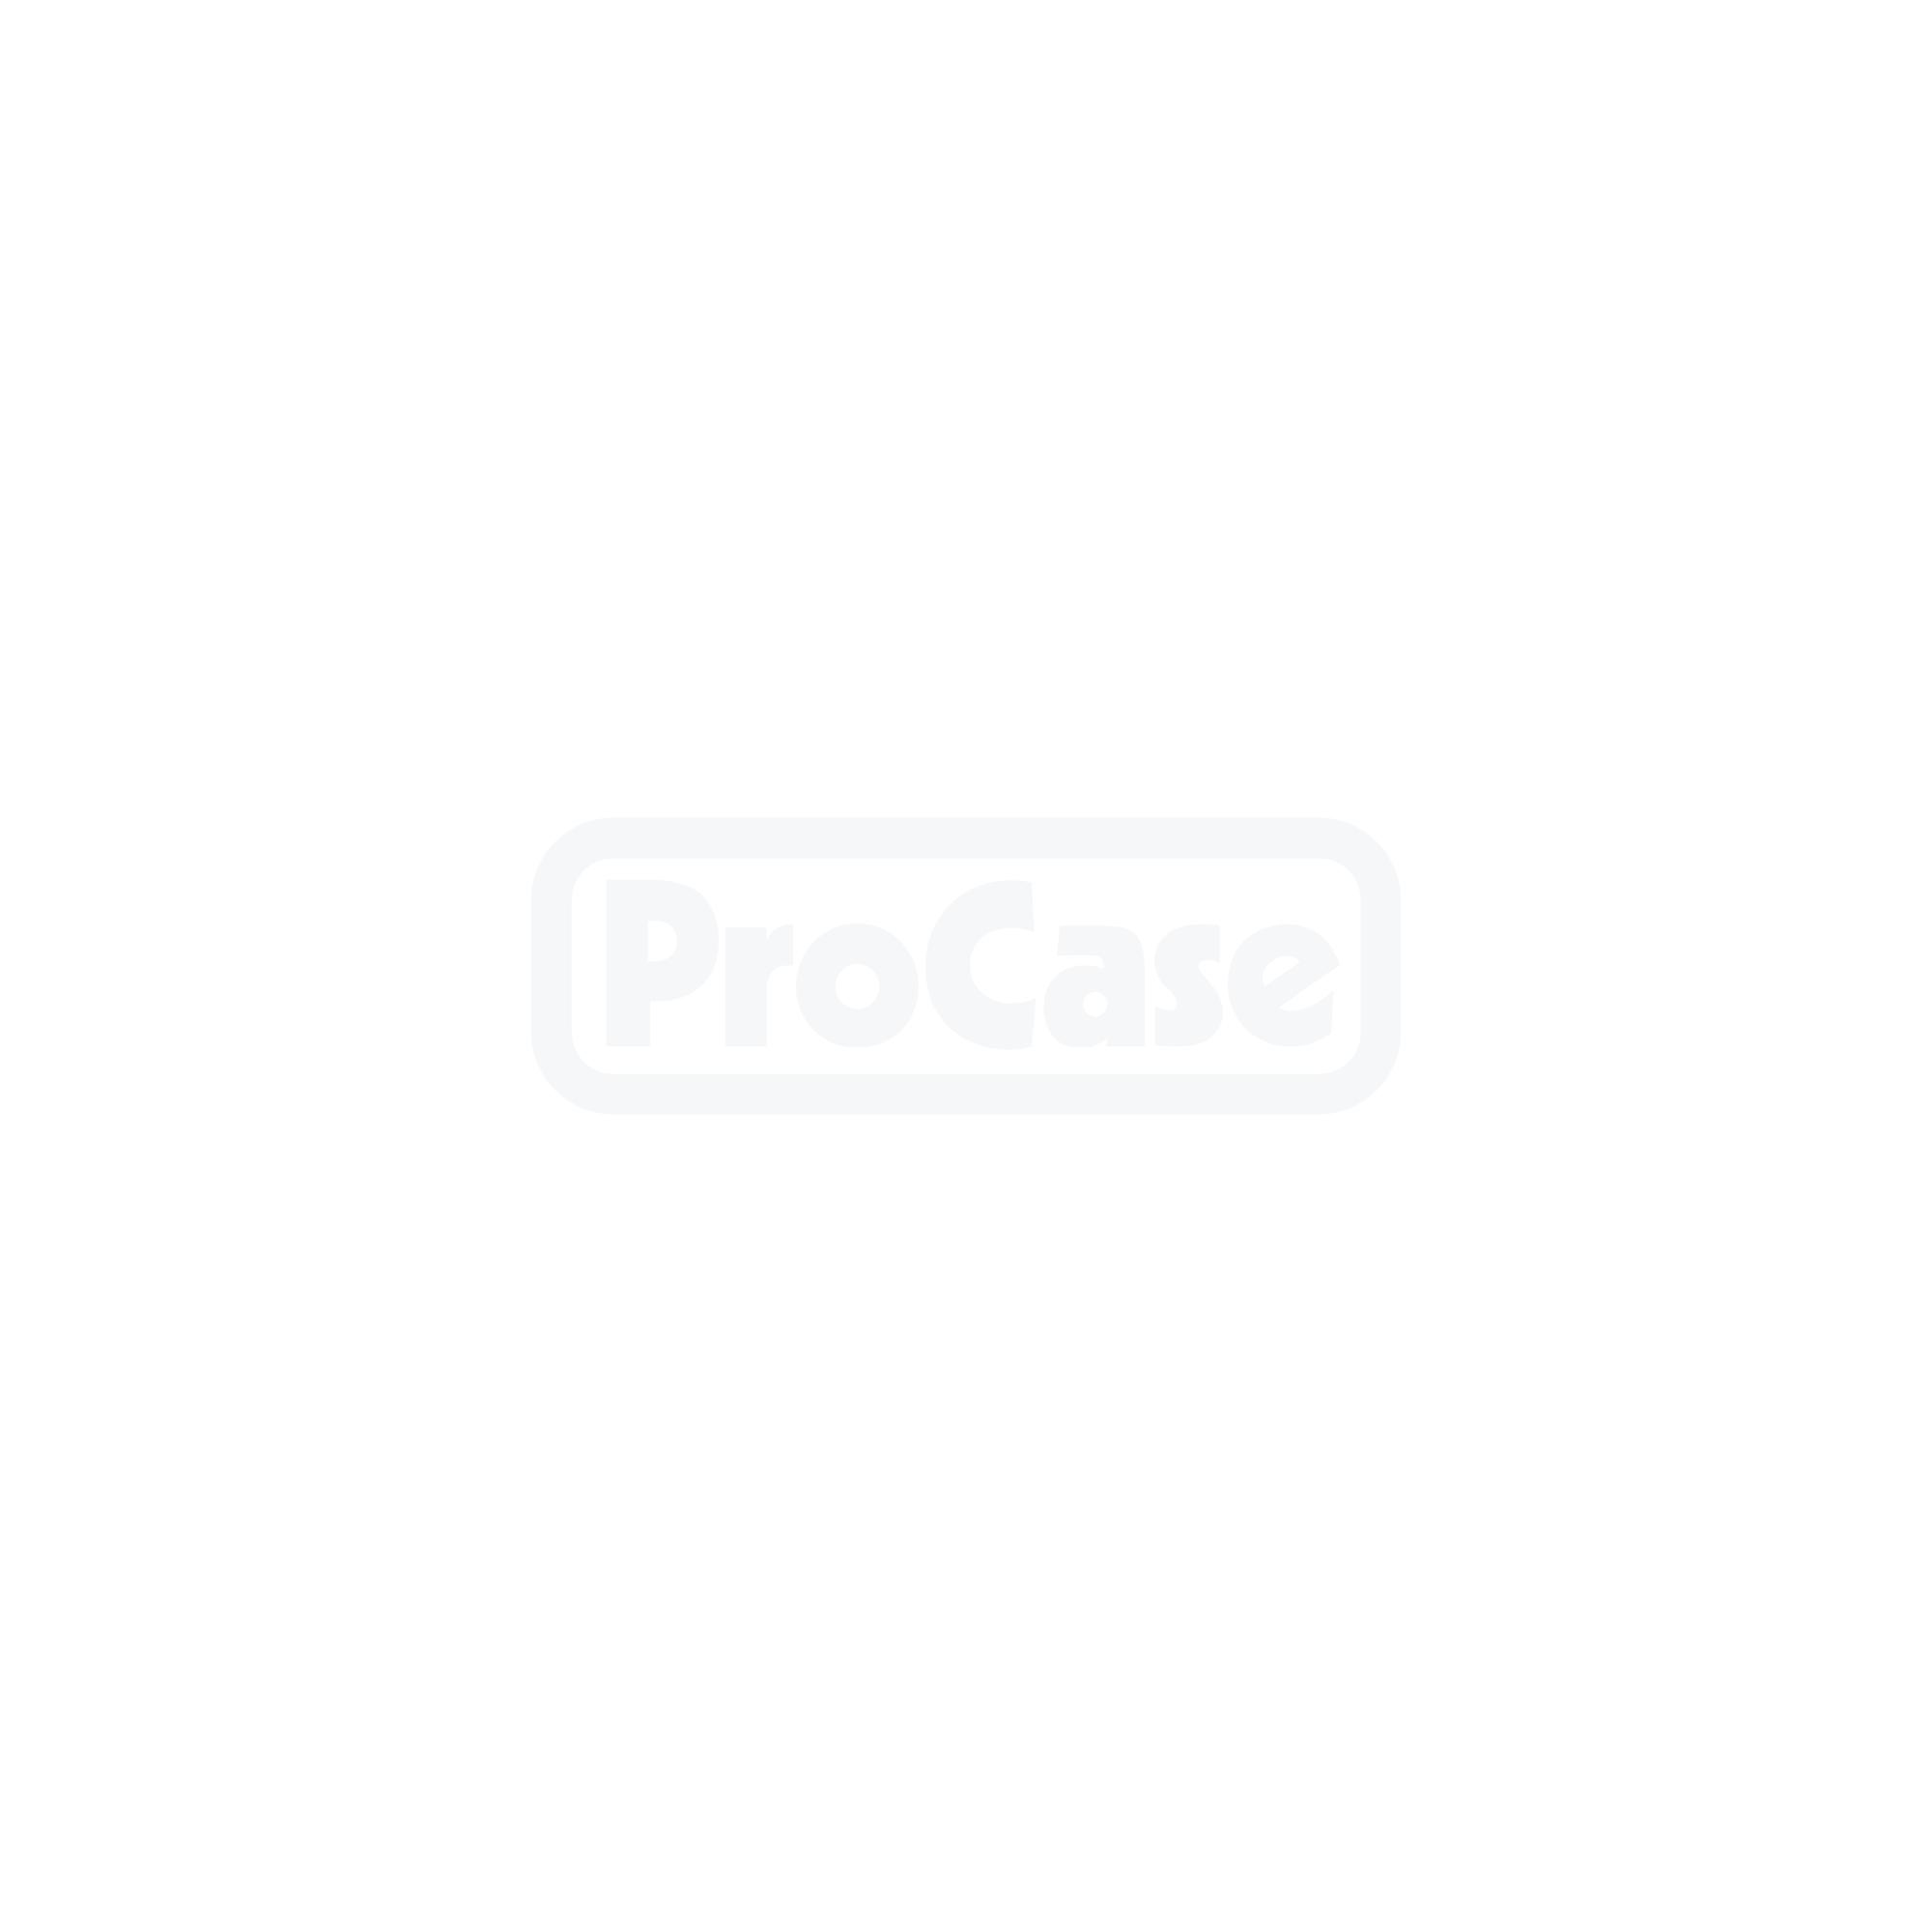 Flightcase Truhe für 1 St. Chainmaster BGV-C1 500kg 2